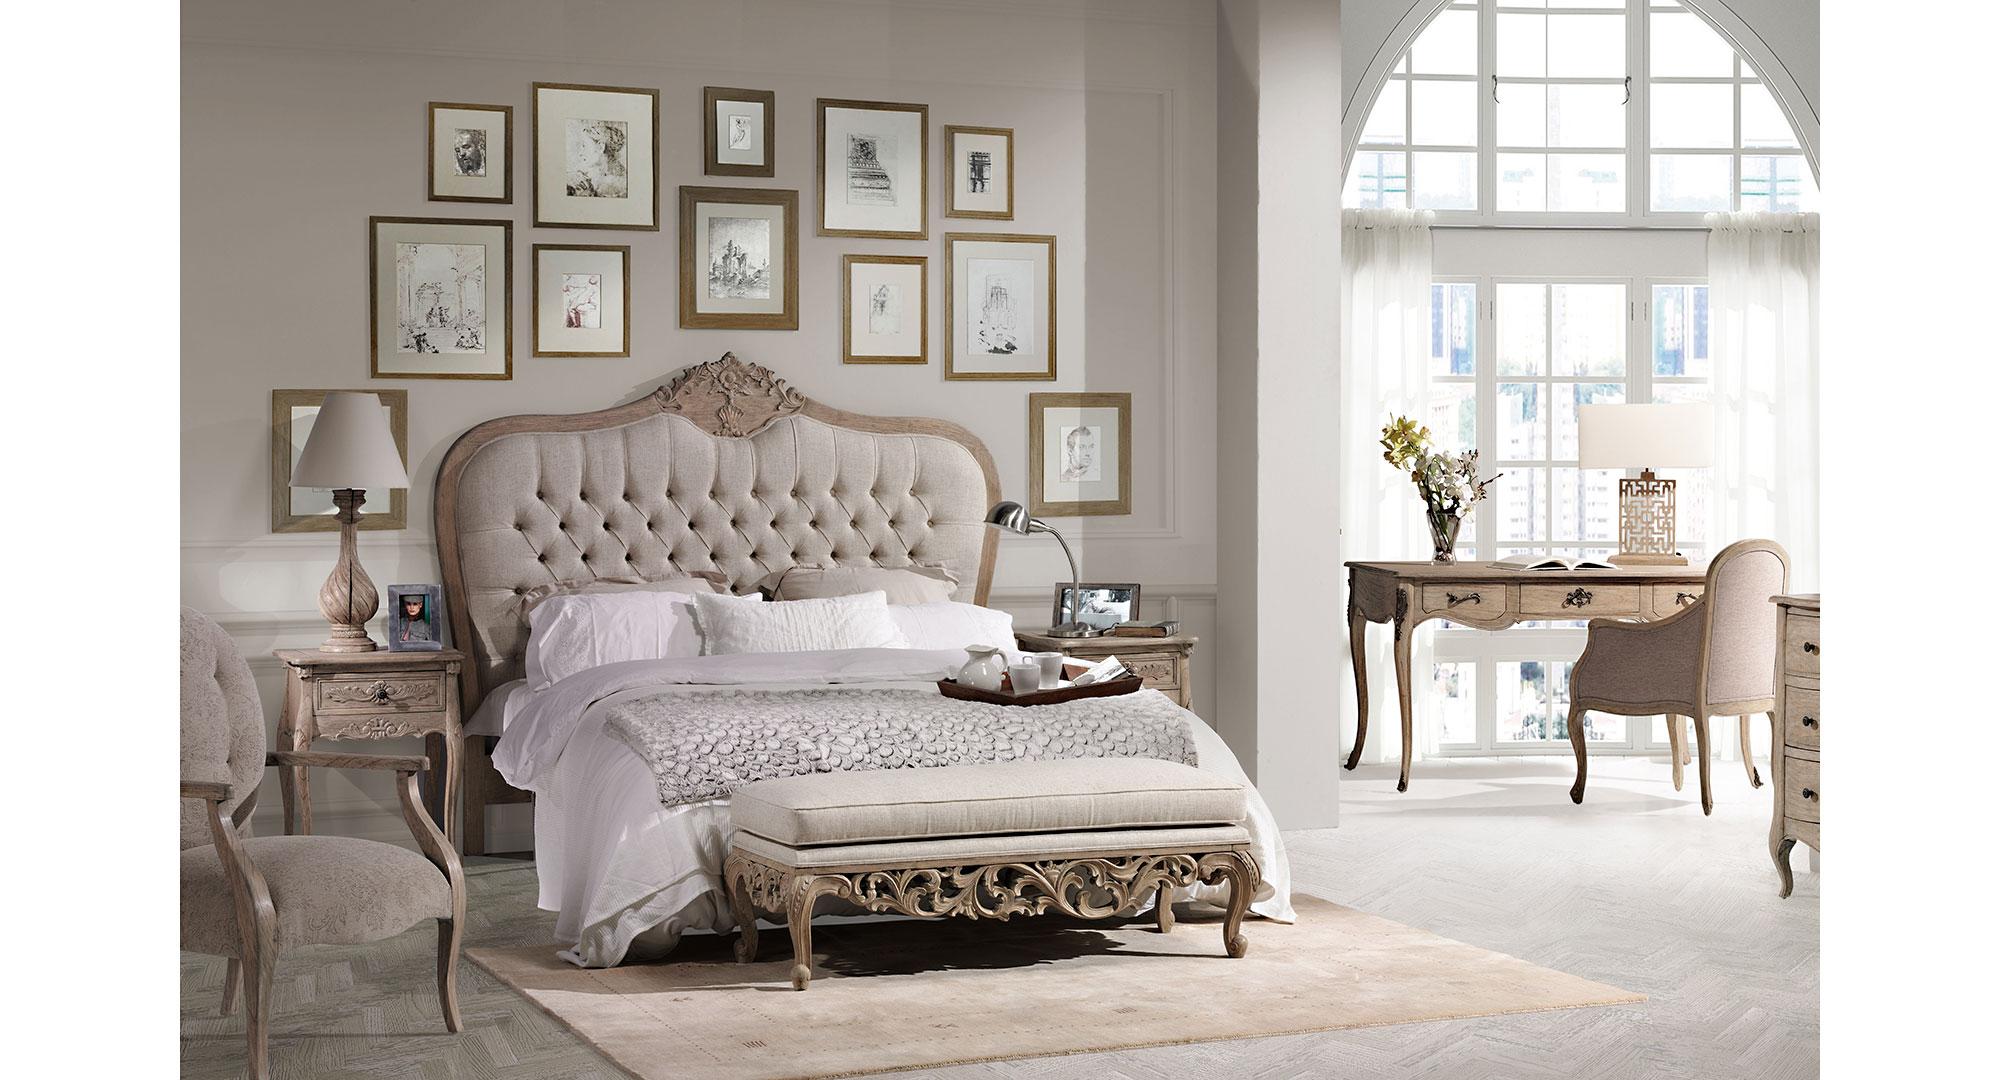 Dormitorio vintage artisan iv de lujo en portobellodeluxe for Decoracion de habitaciones vintage